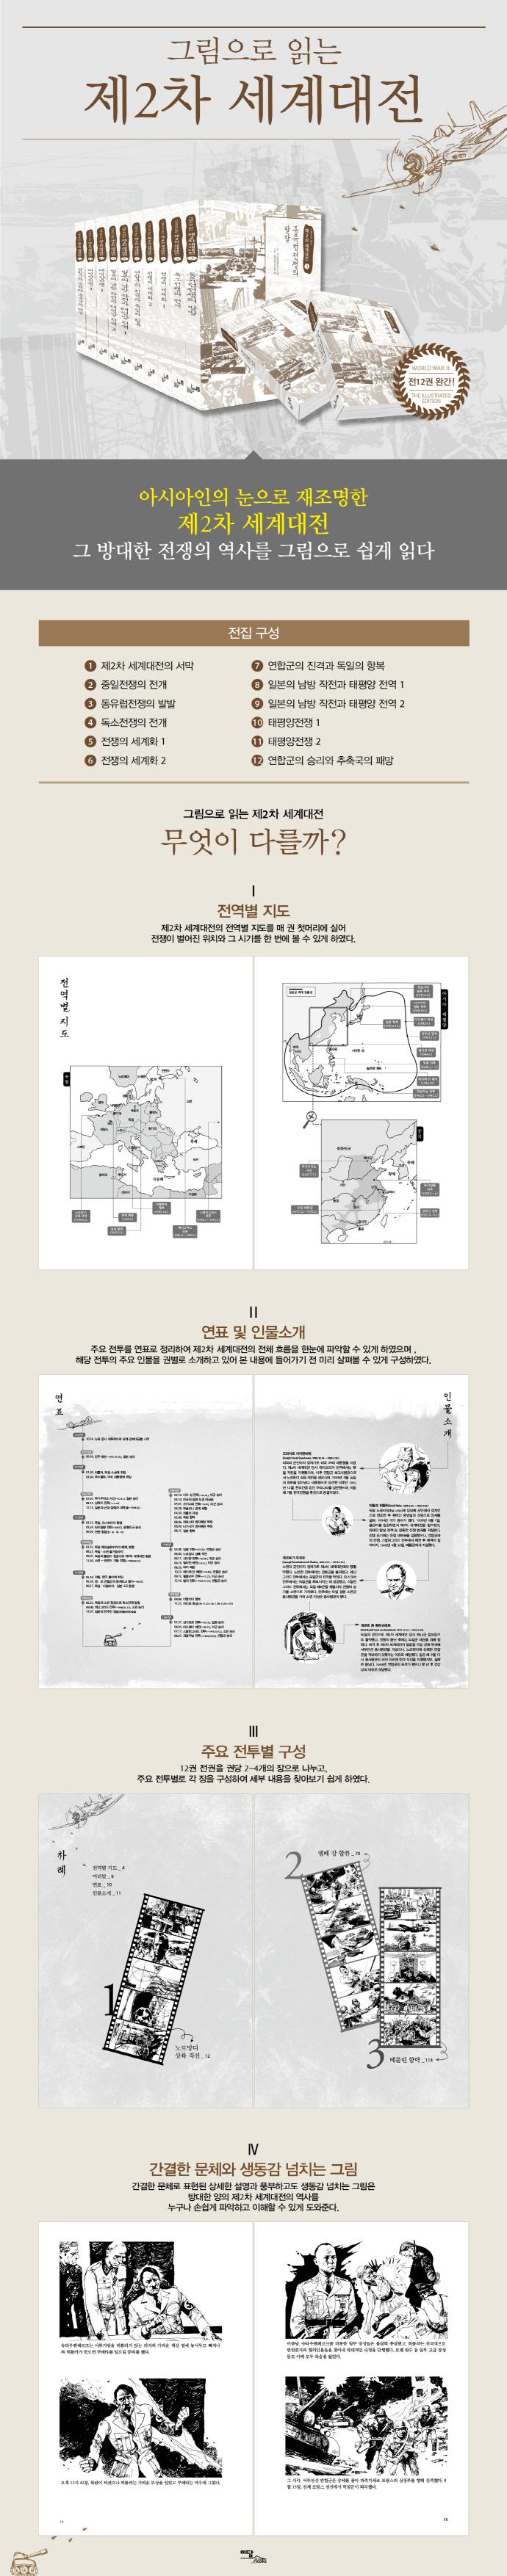 제2차 세계대전. 5: 전쟁의 세계화(1)(그림으로 읽는) 도서 상세이미지